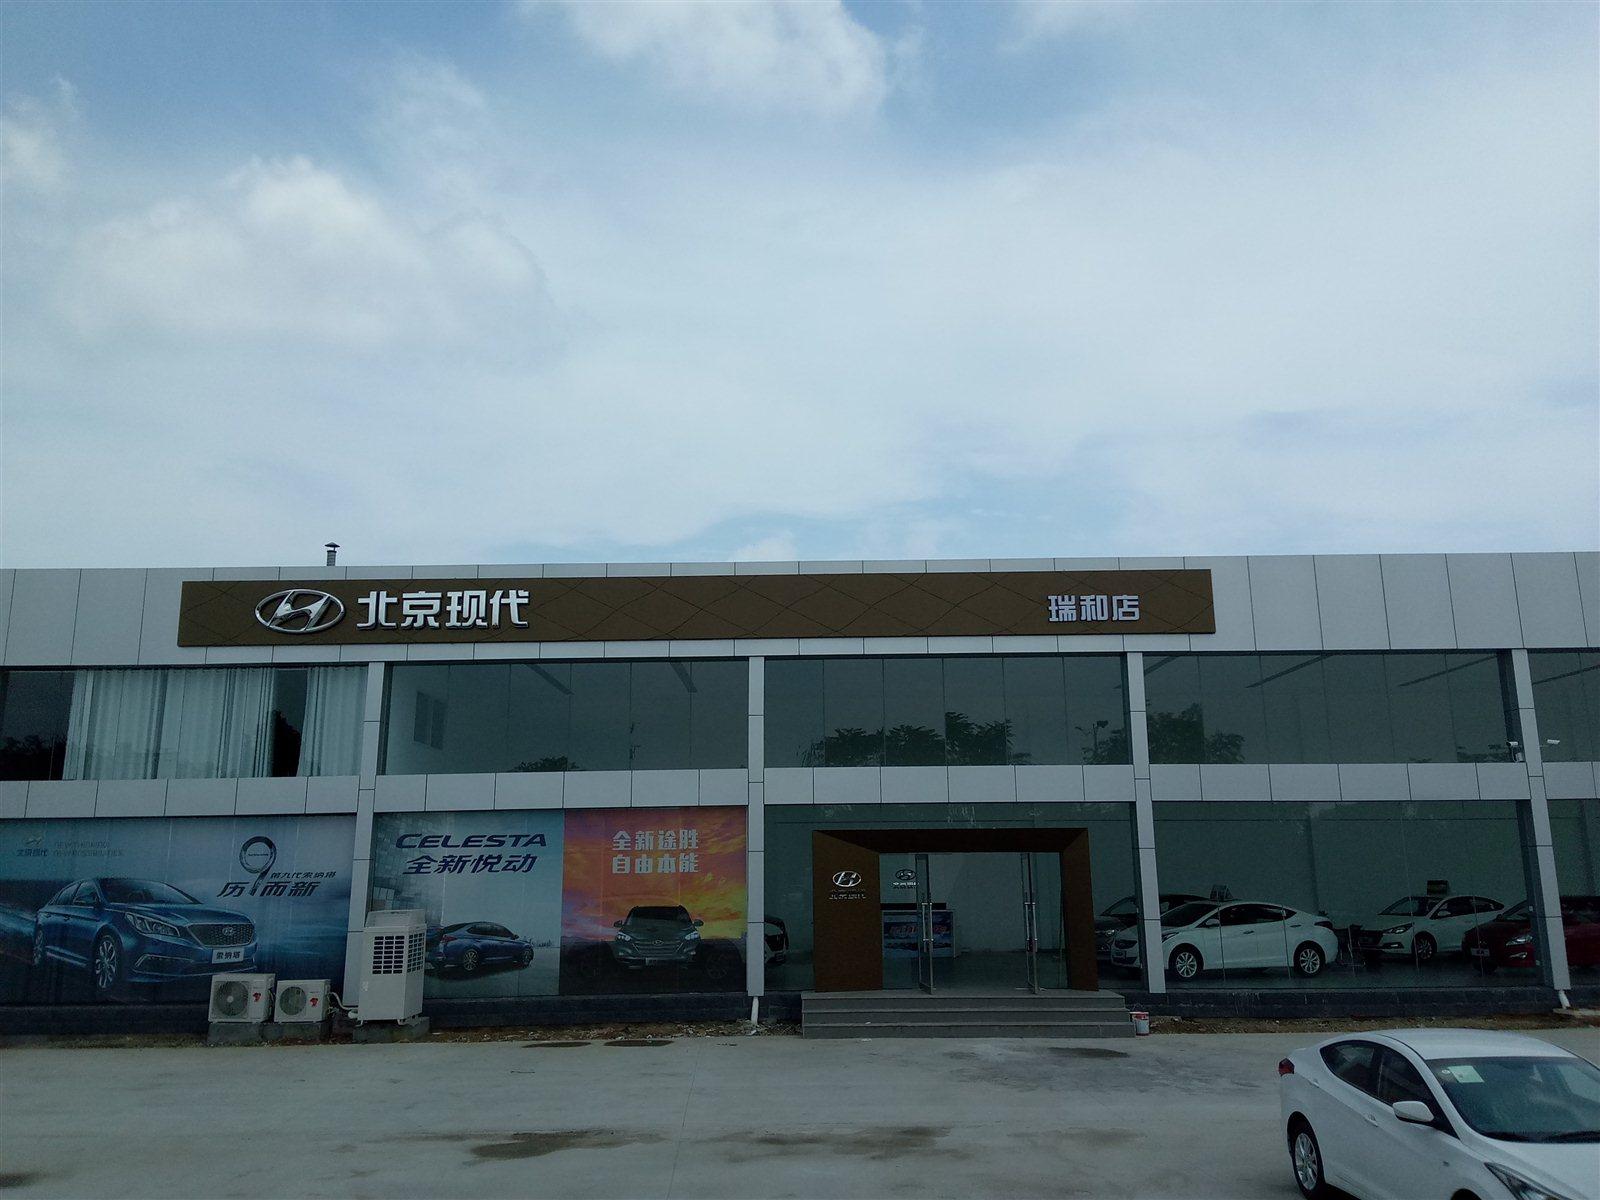 德州瑞和汽车销售服务有限公司(北京现代)